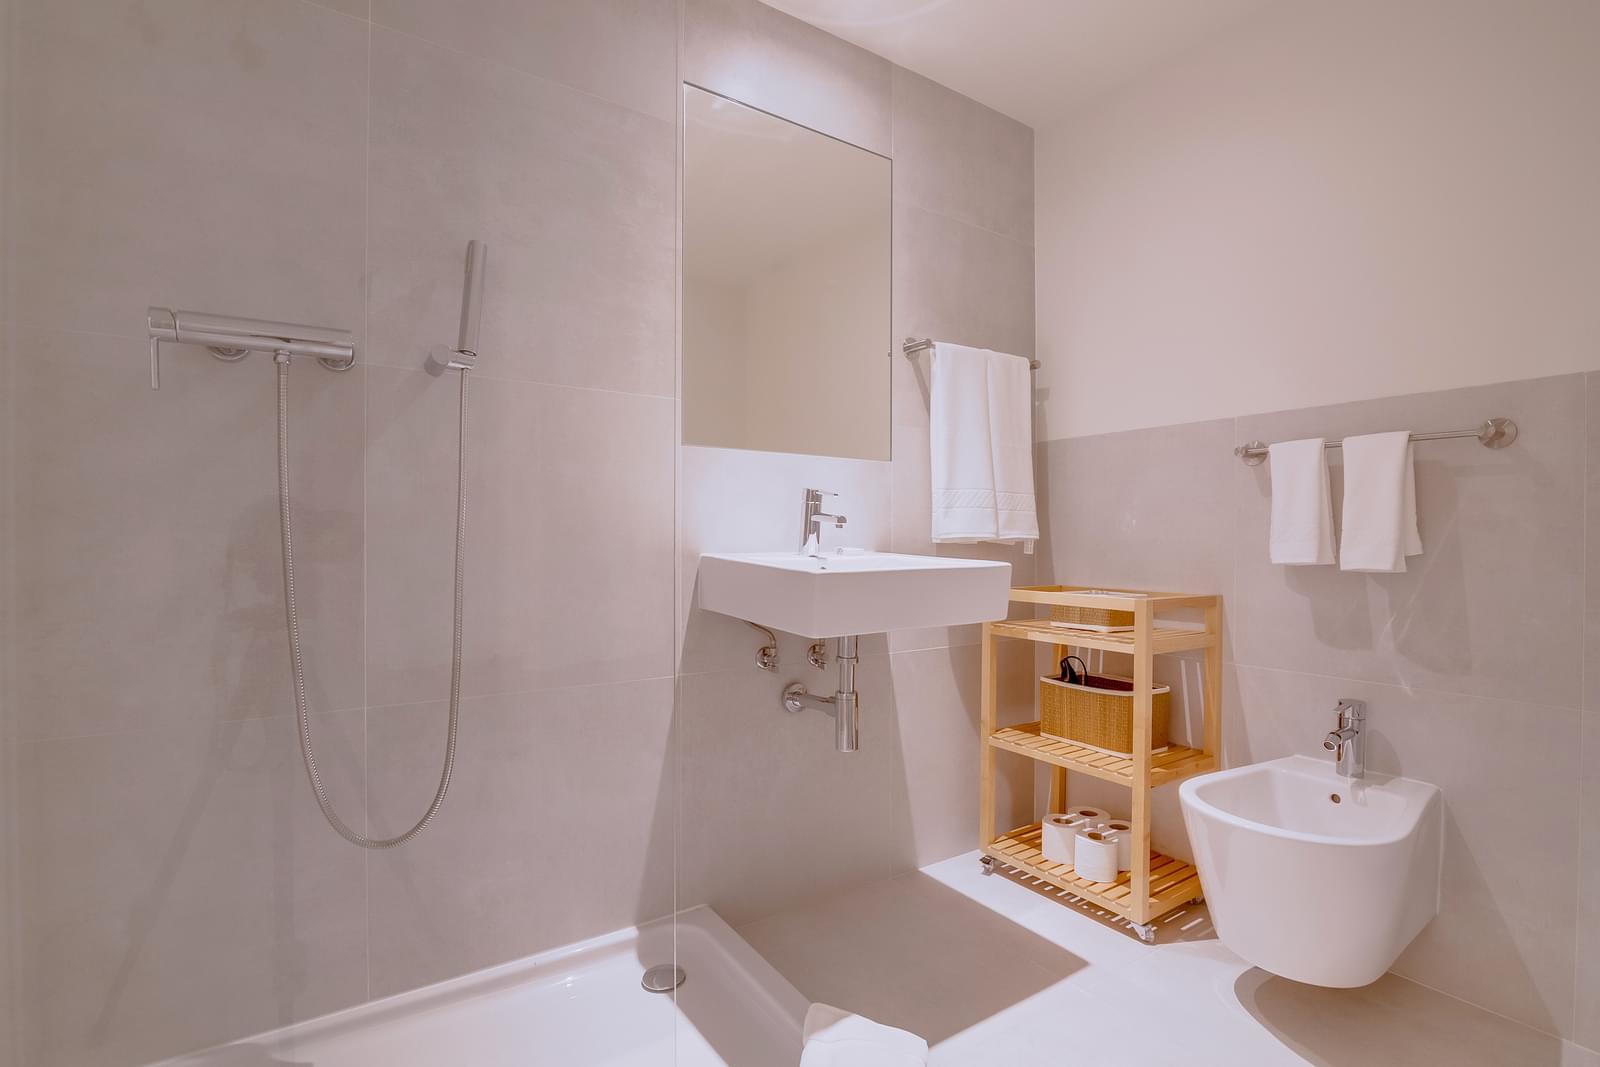 pf16967-apartamento-t0-lisboa-c7996e4d-853b-4d08-bcbd-8a9d0d671944